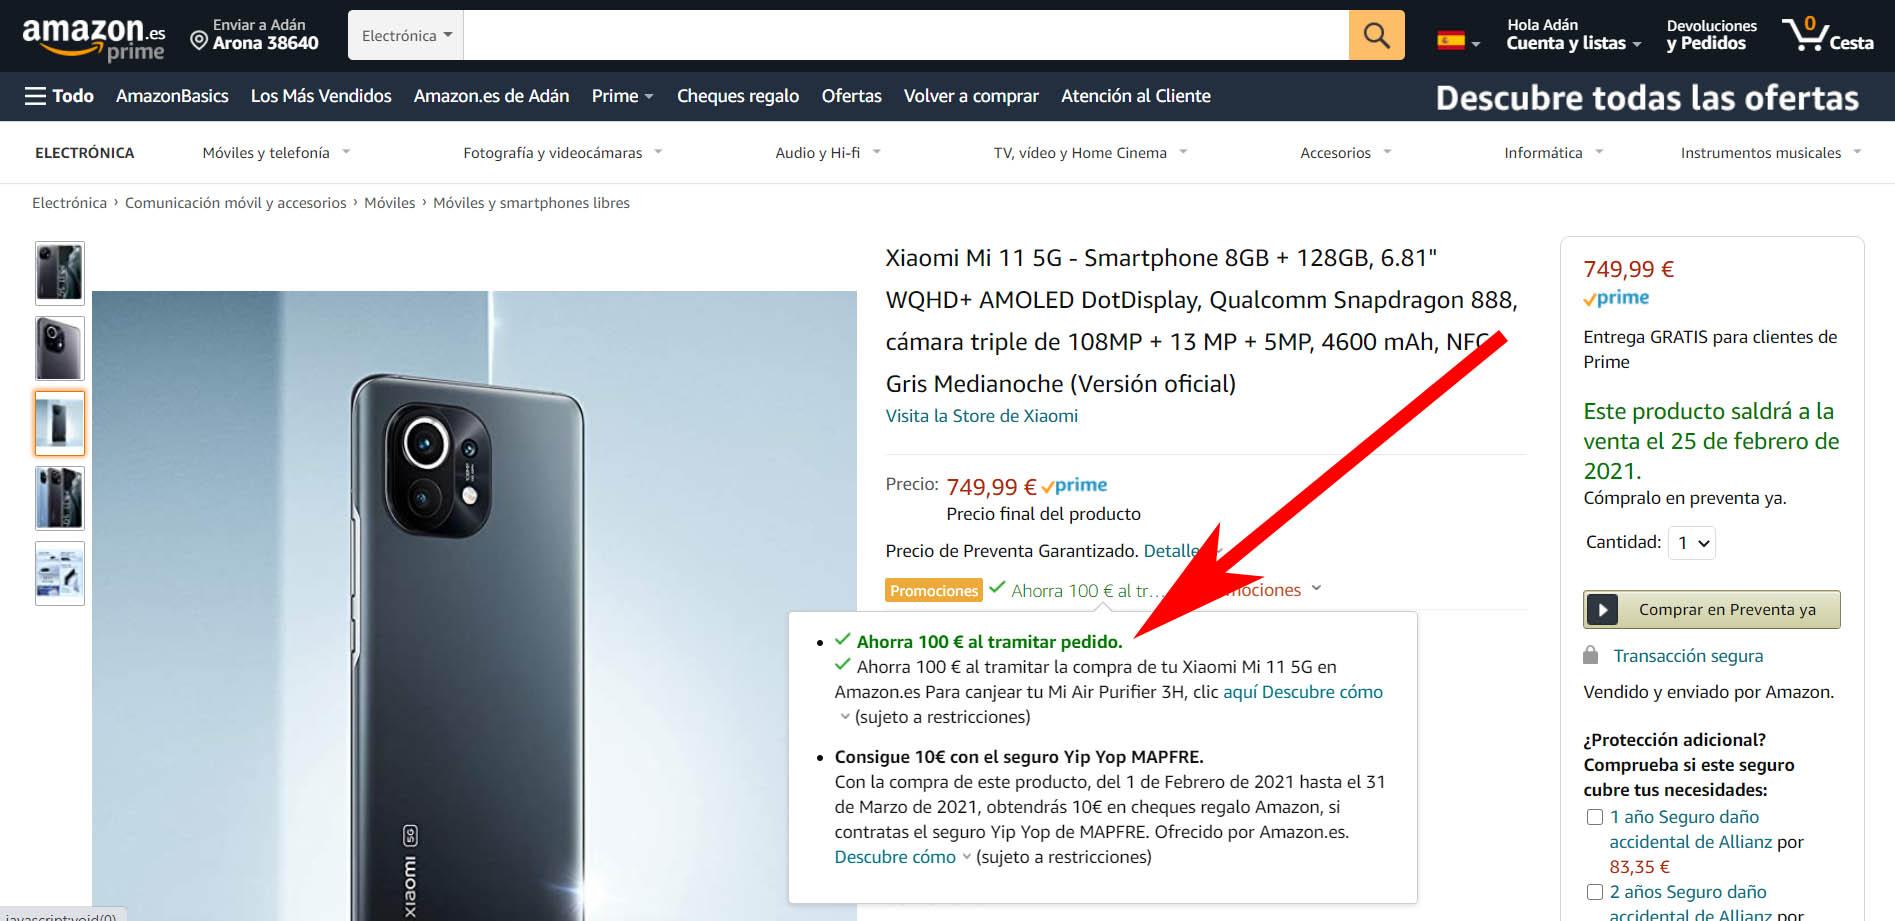 comprar xiaomi mi 11 amazon al mejor precio con descuento y regalo. Noticias Xiaomi Adictos